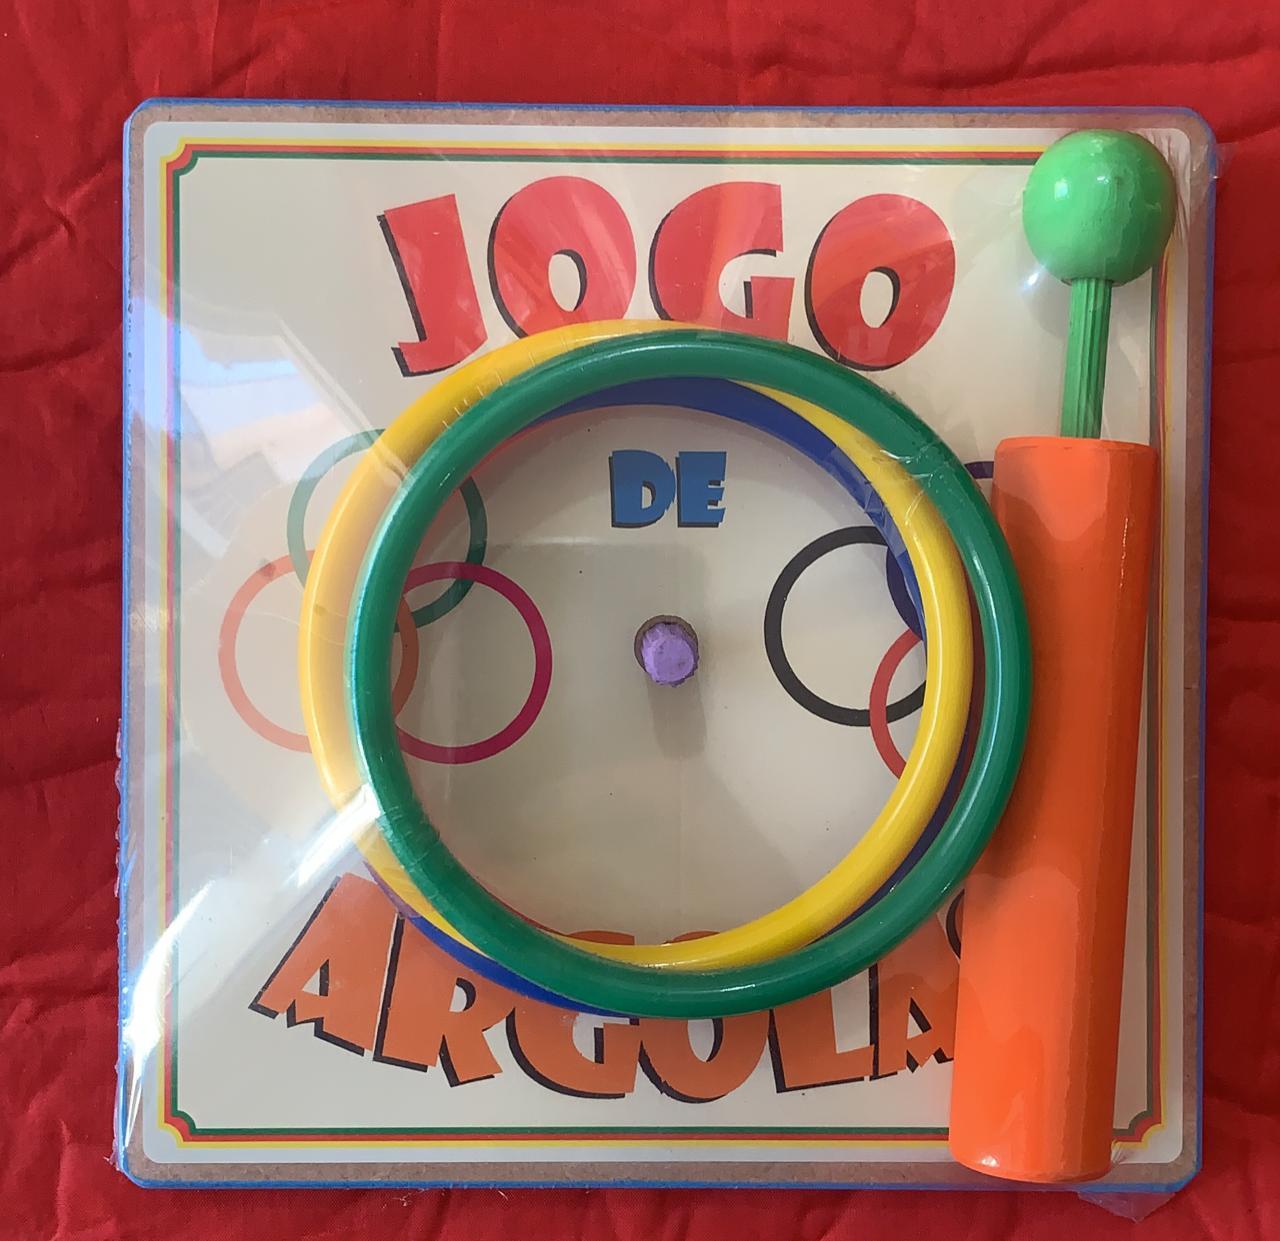 Jogo de Argolas Brinquedo Educativo de Madeira